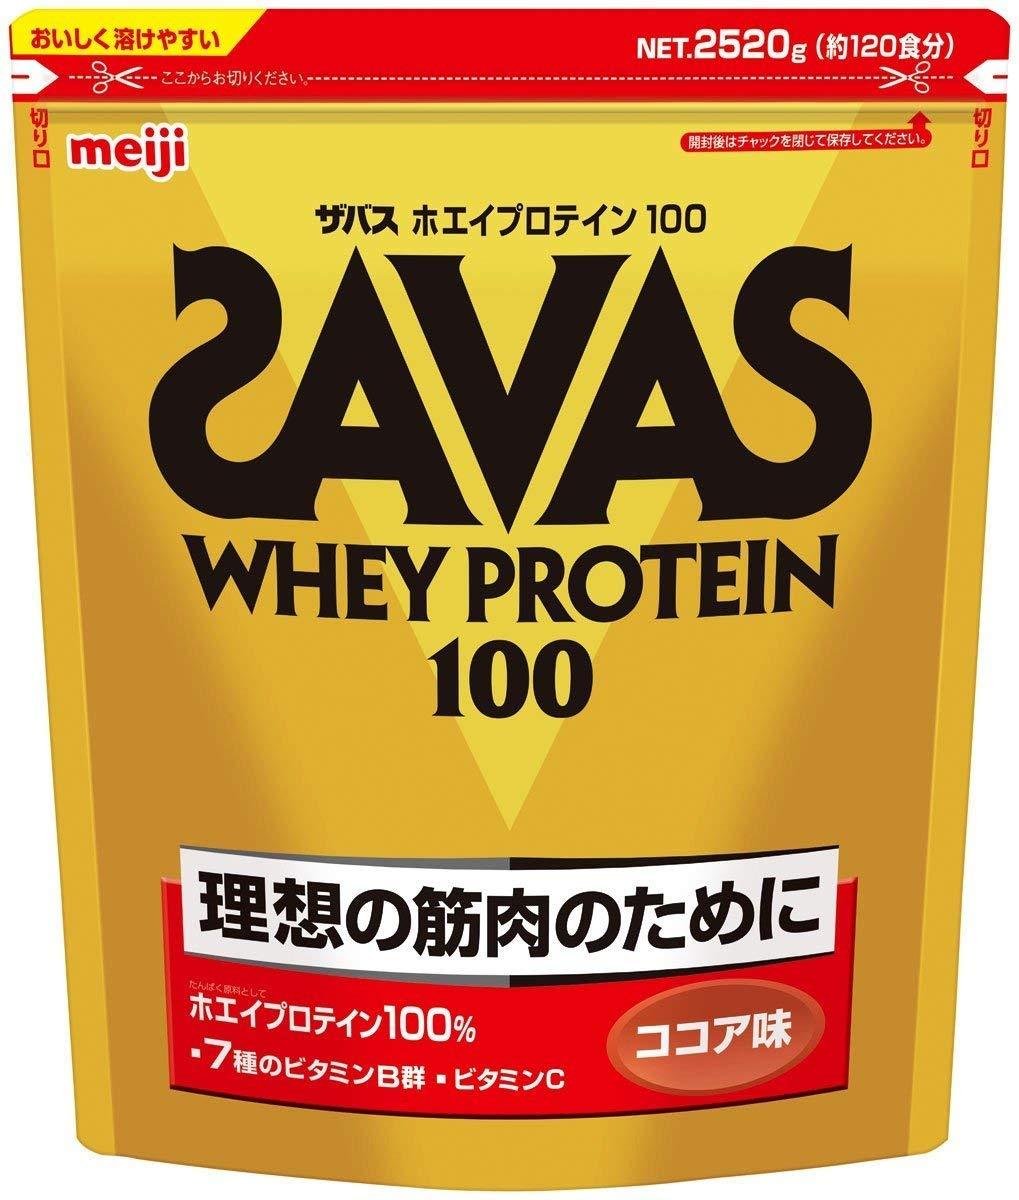 ザバス ホエイプロテイン100 ココア味【120食分】 2,520g ×2個セット   B07PMB55ZH